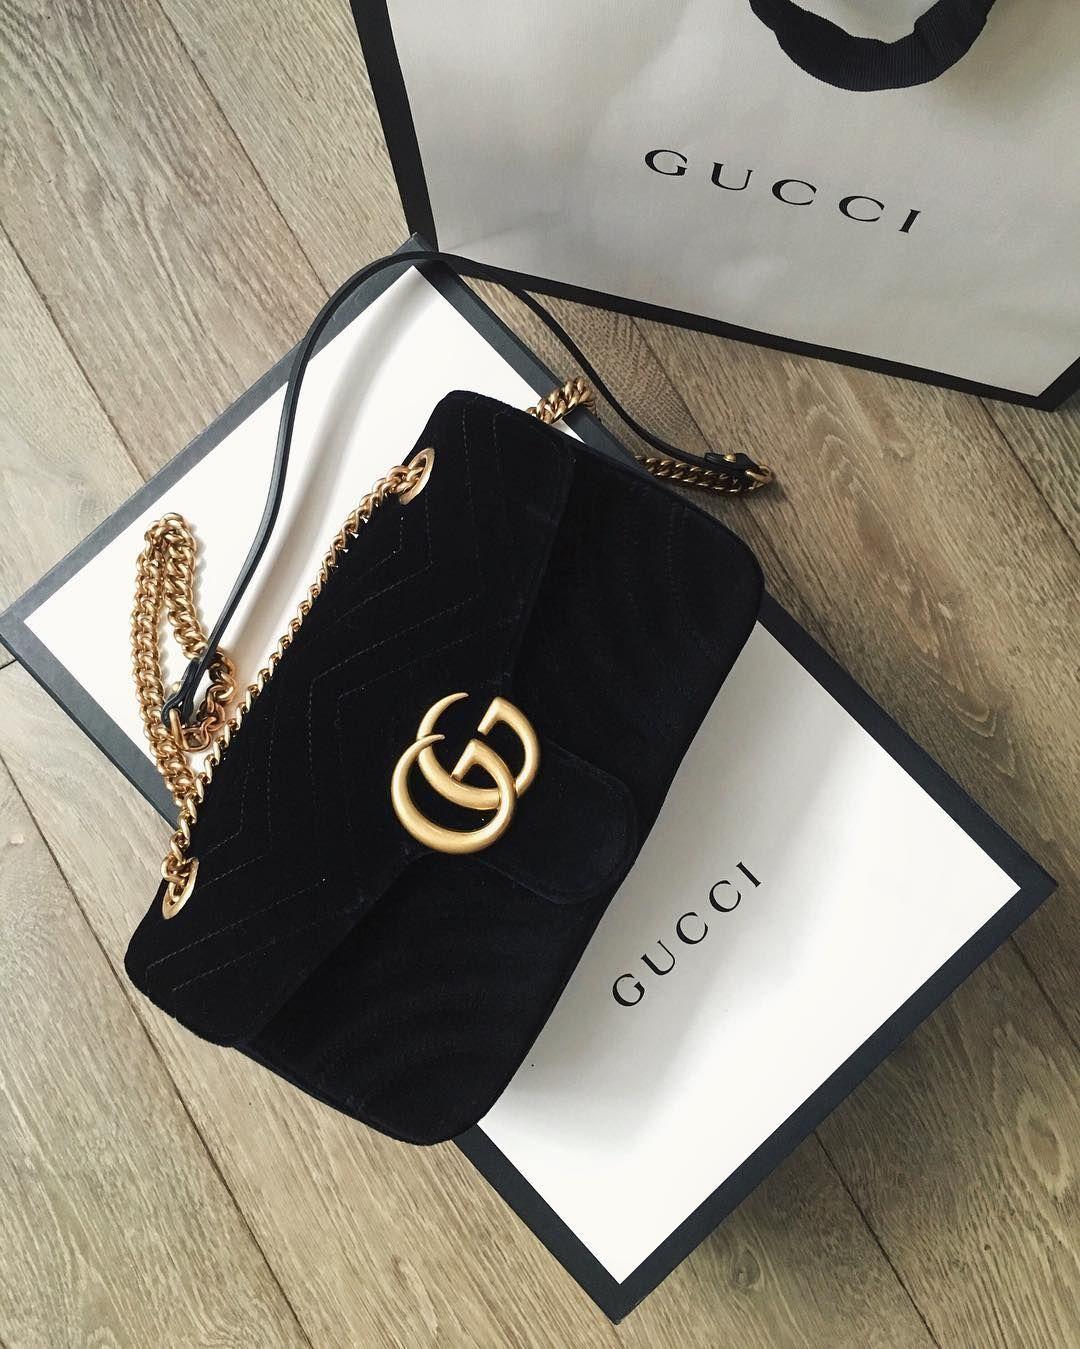 a7427756cdf Gucci Marmont Velvet Mini Bag Black - Love it in black and fuchsia!   Designerhandbags